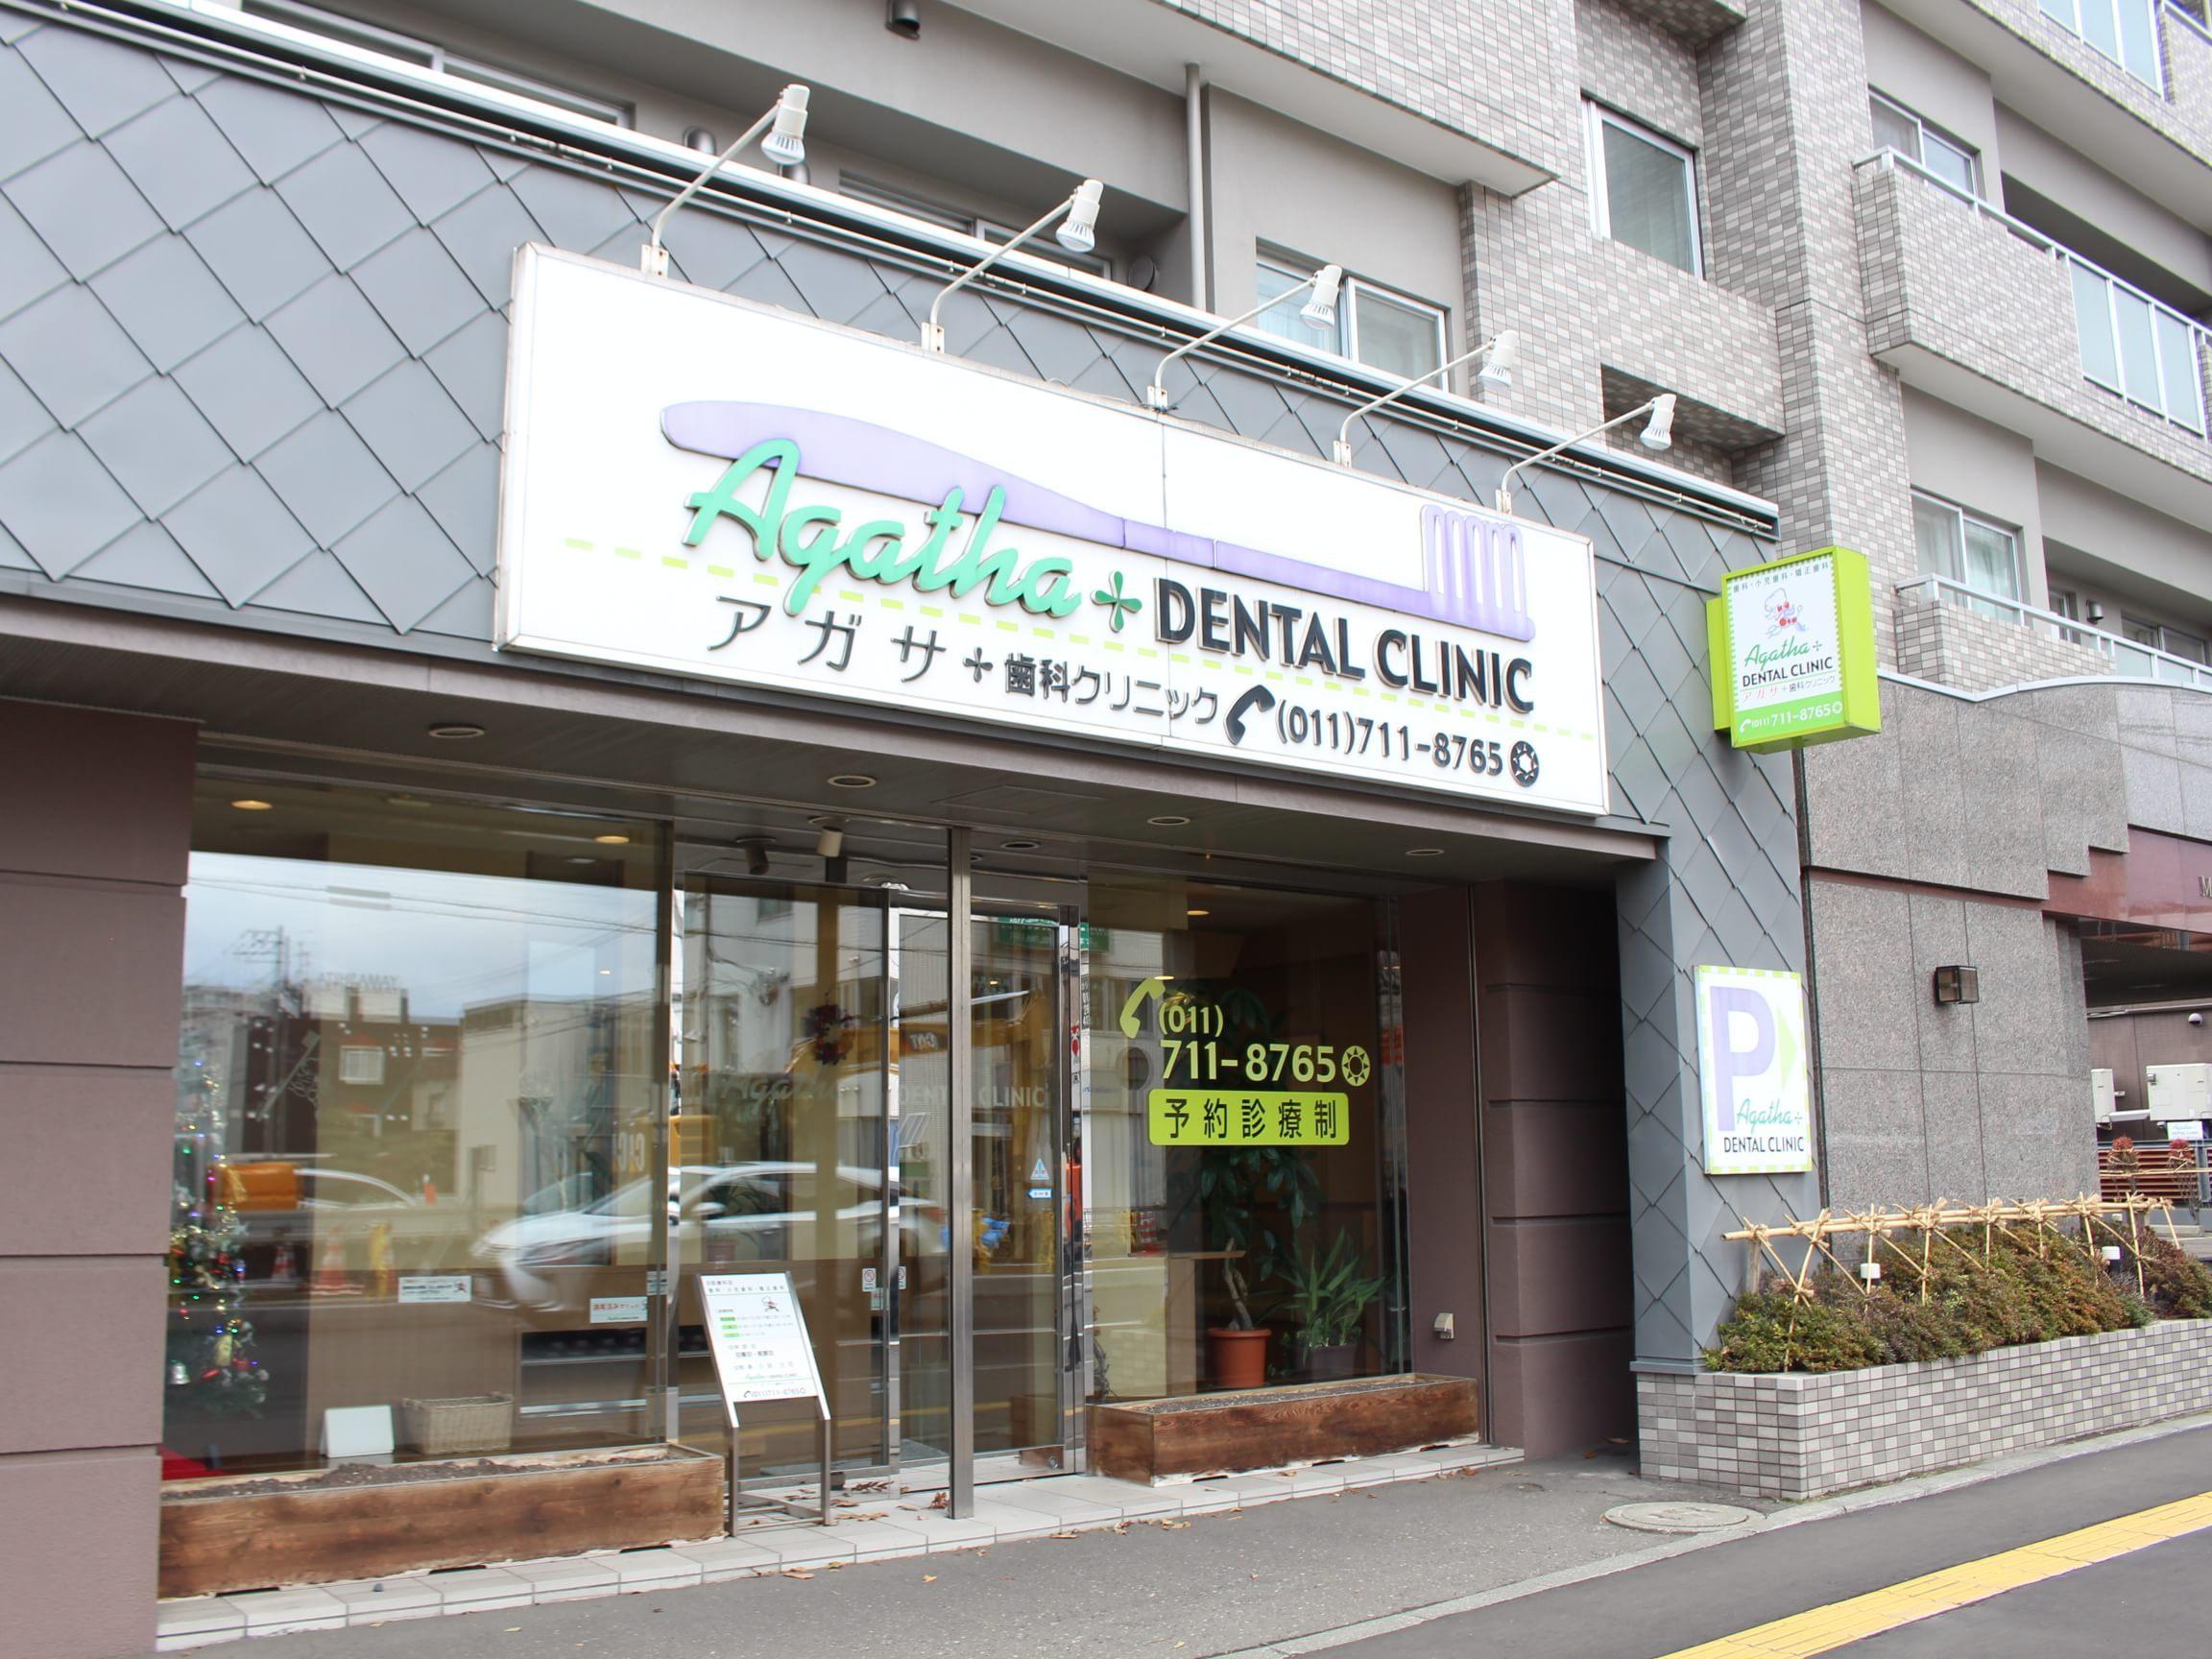 新道東駅 5番出口徒歩1分 アガサ歯科クリニック写真7